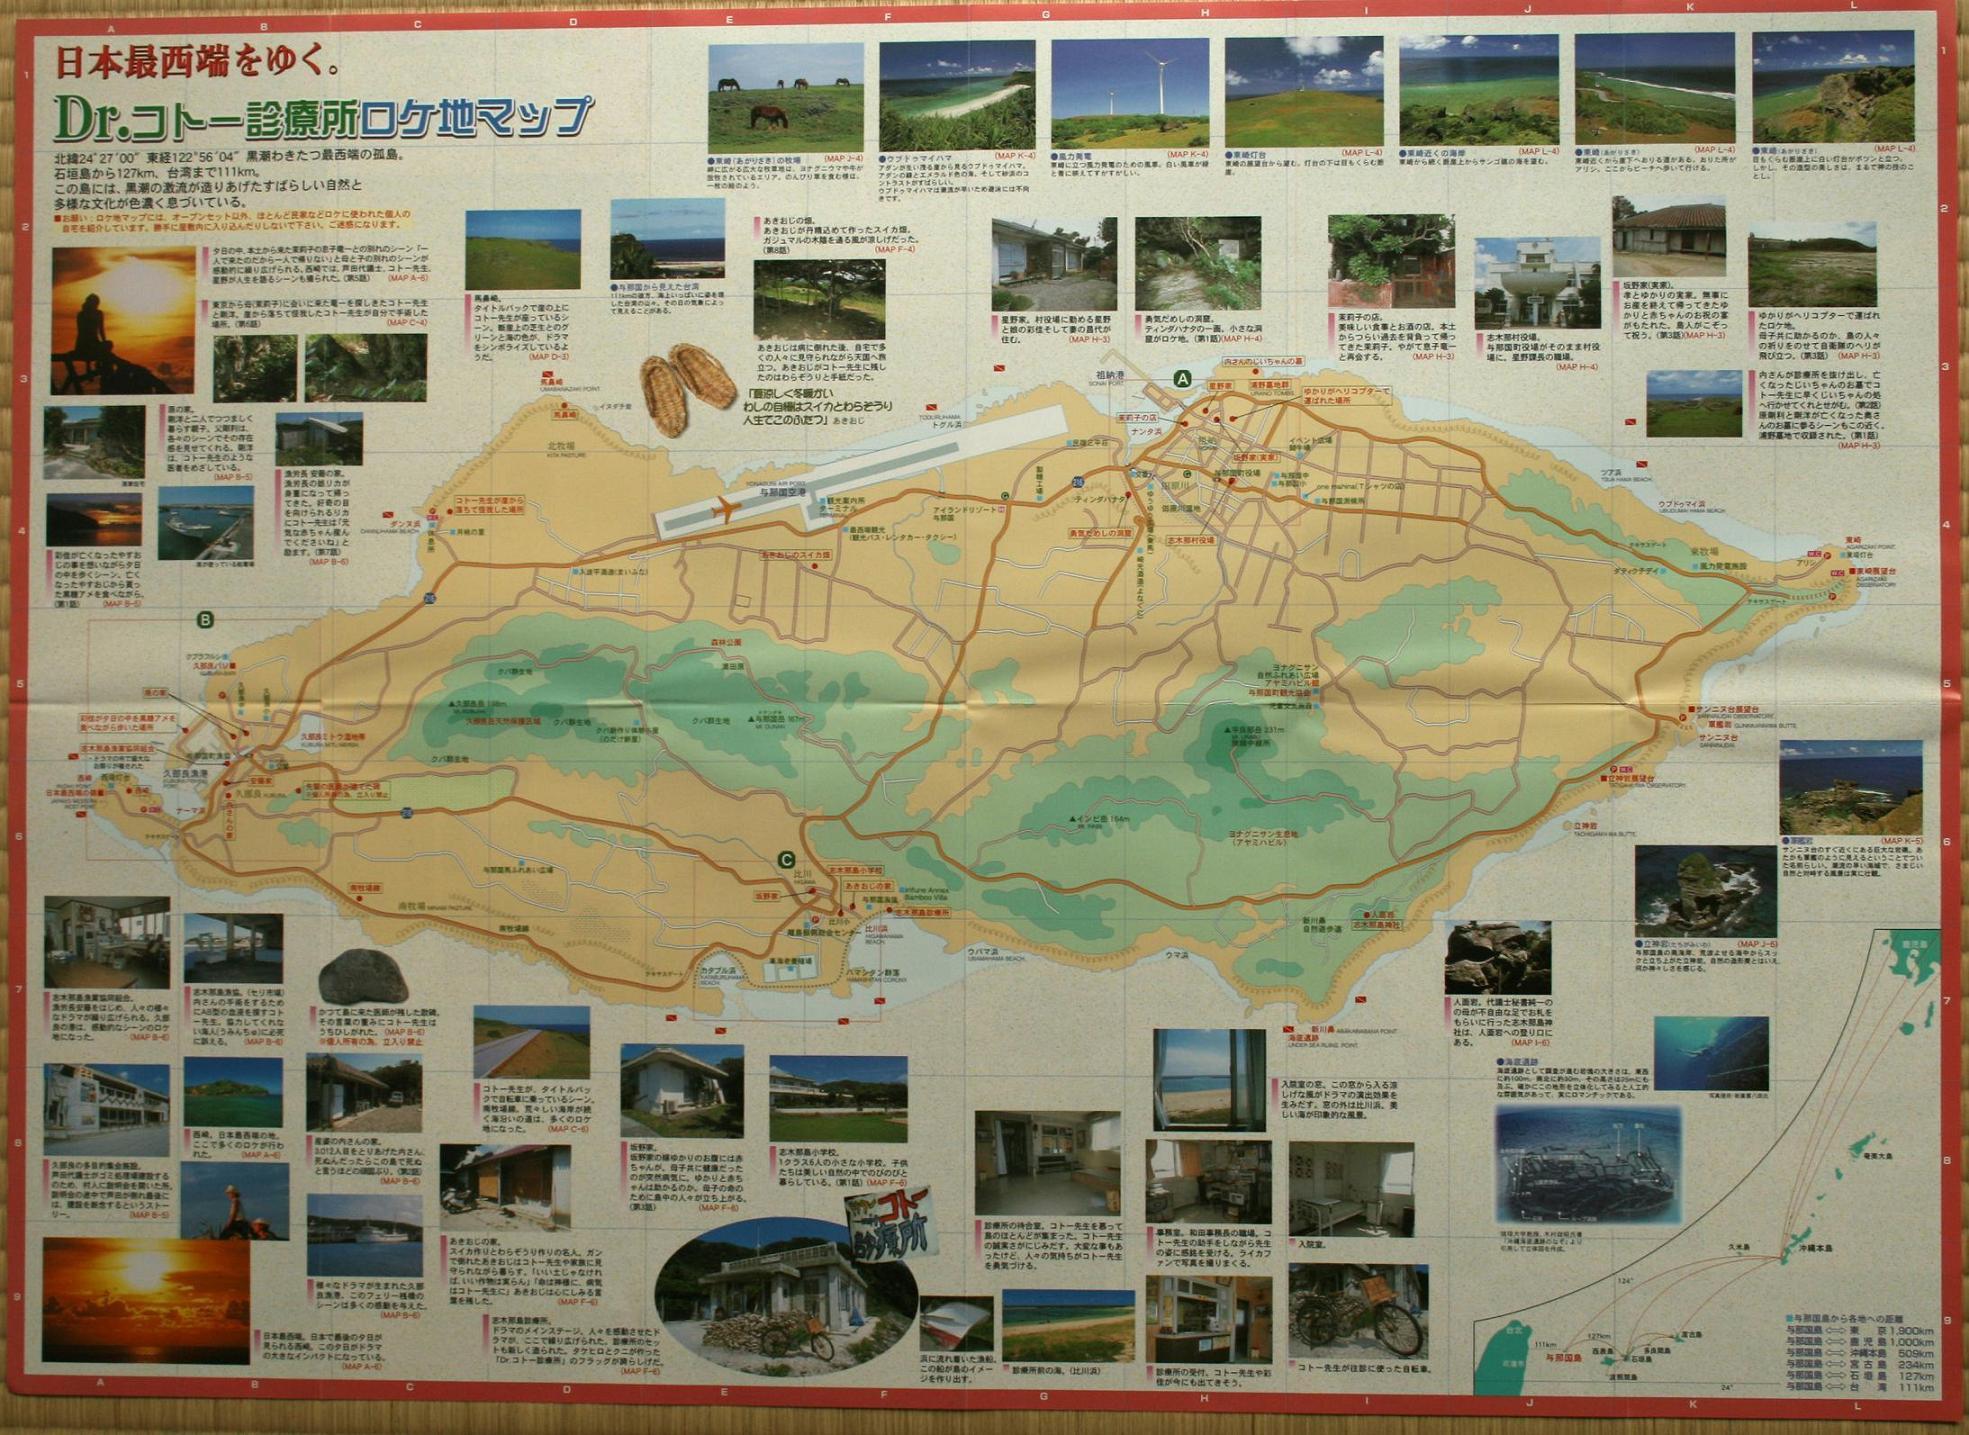 Dr.コトー診療所~ロケ地マップ全景~与那国島 予告号_a0107574_1184769.jpg